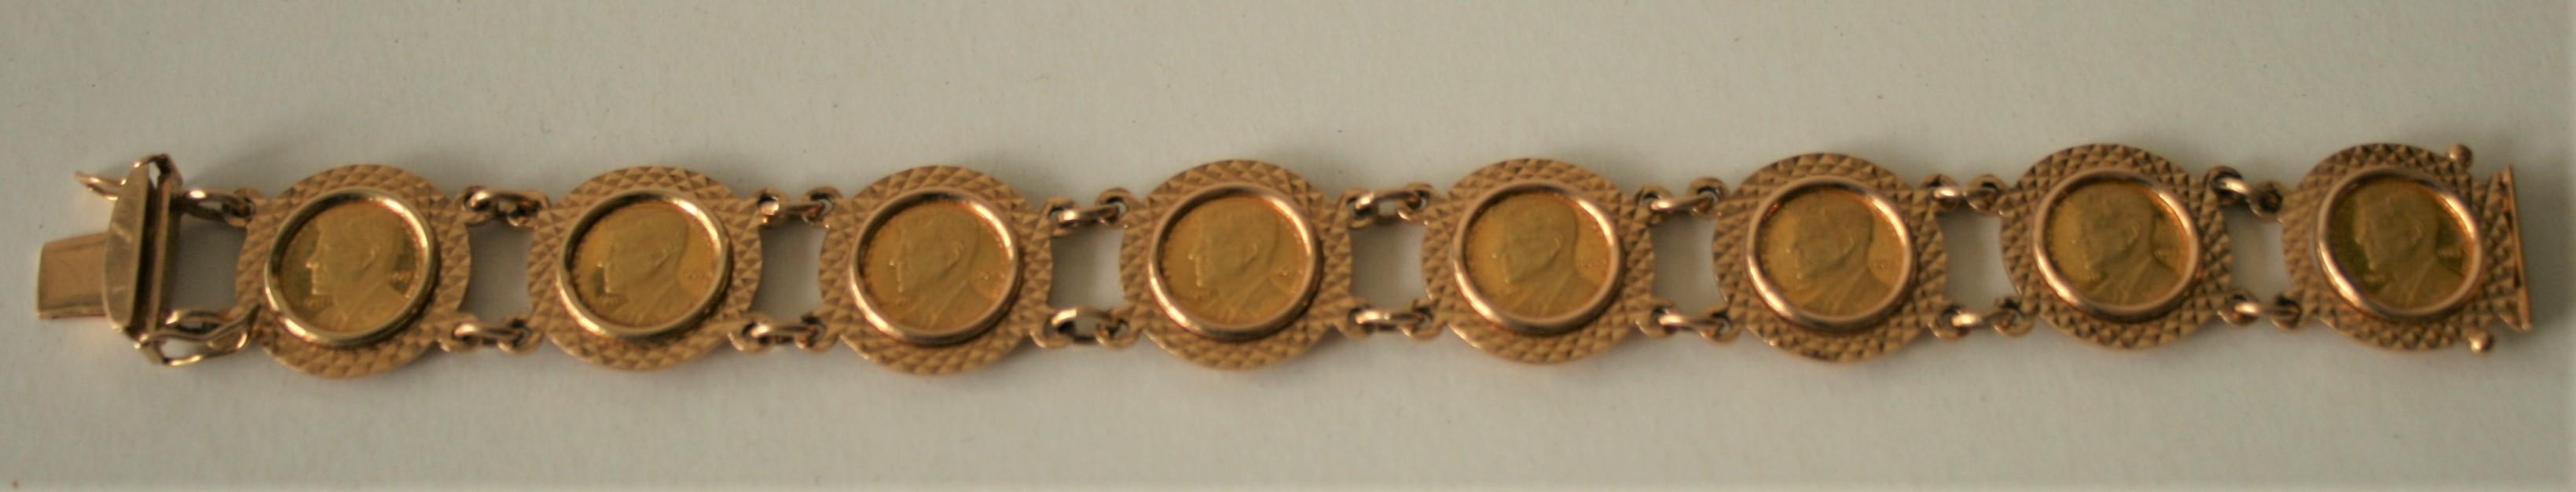 Bracelet en or 18 ct comportant 8 pièces en or à l'effigie de J.-F. KENNEDY [...]